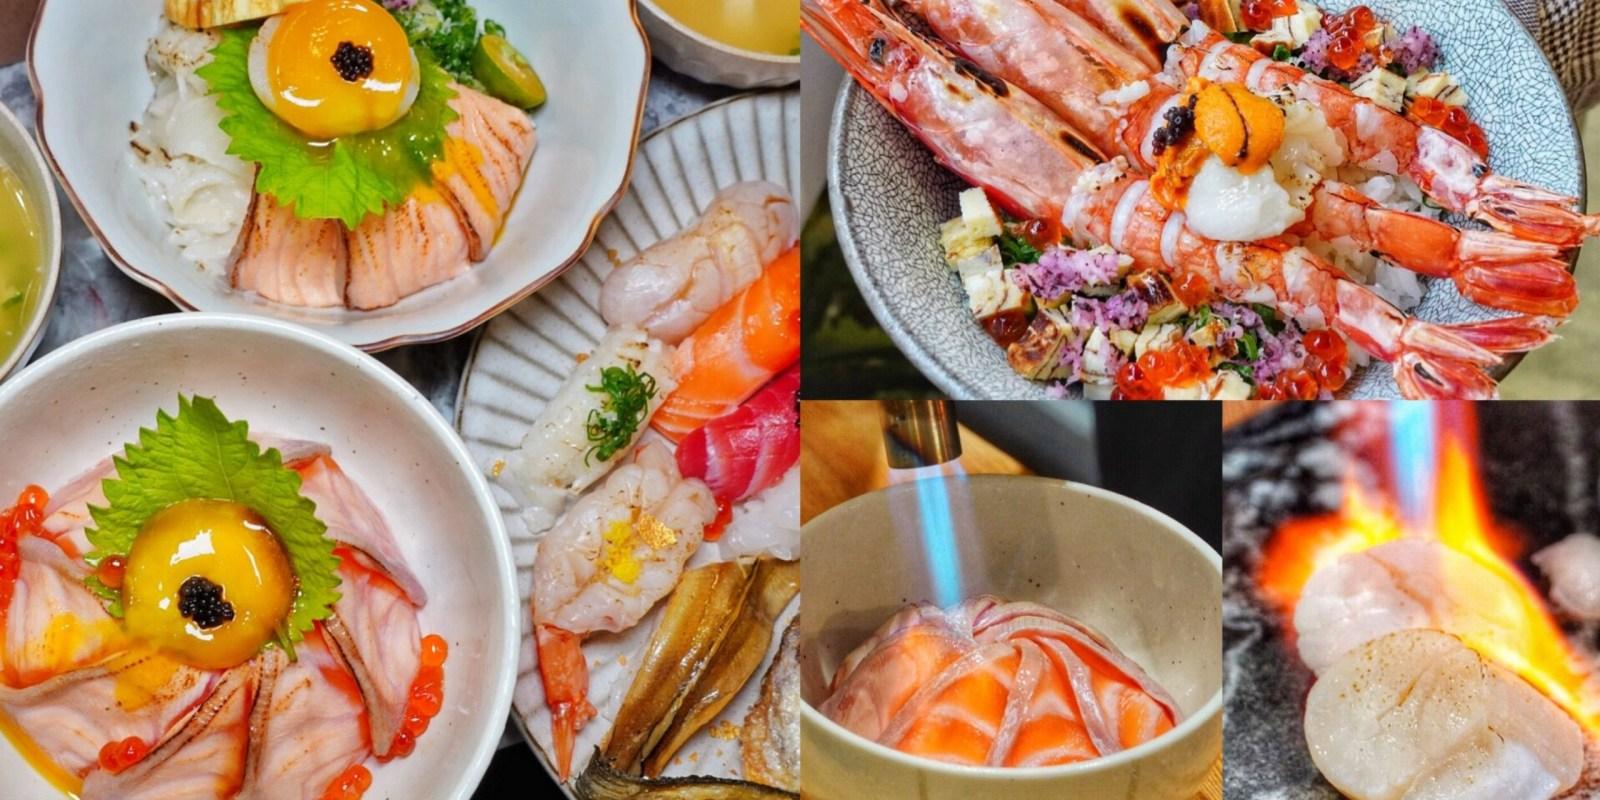 【台南美食】金禾kimho 台南日式料理!專賣海鮮丼飯/炙燒鮭魚/刺身/握壽司 炸雞也是超強必吃啊